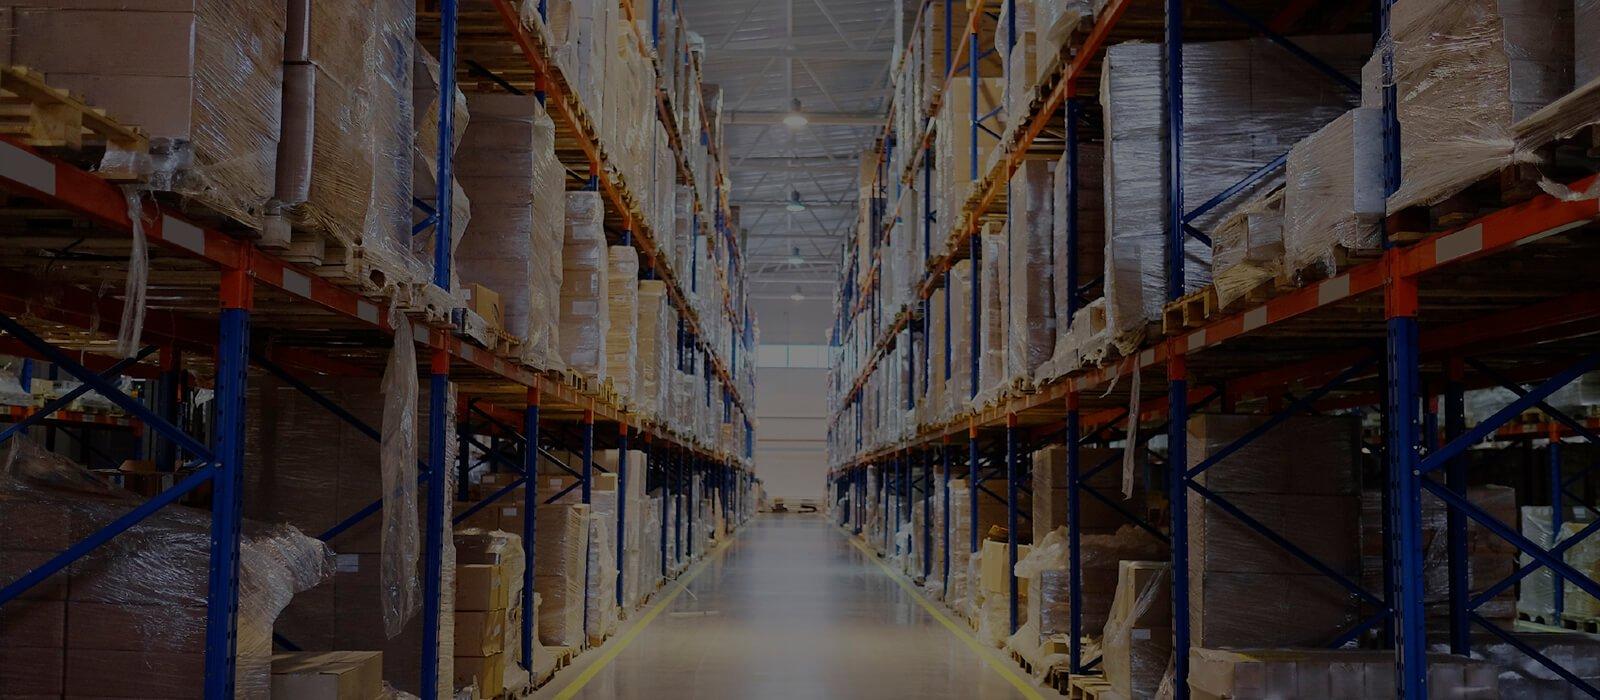 Warehousing (Slide)